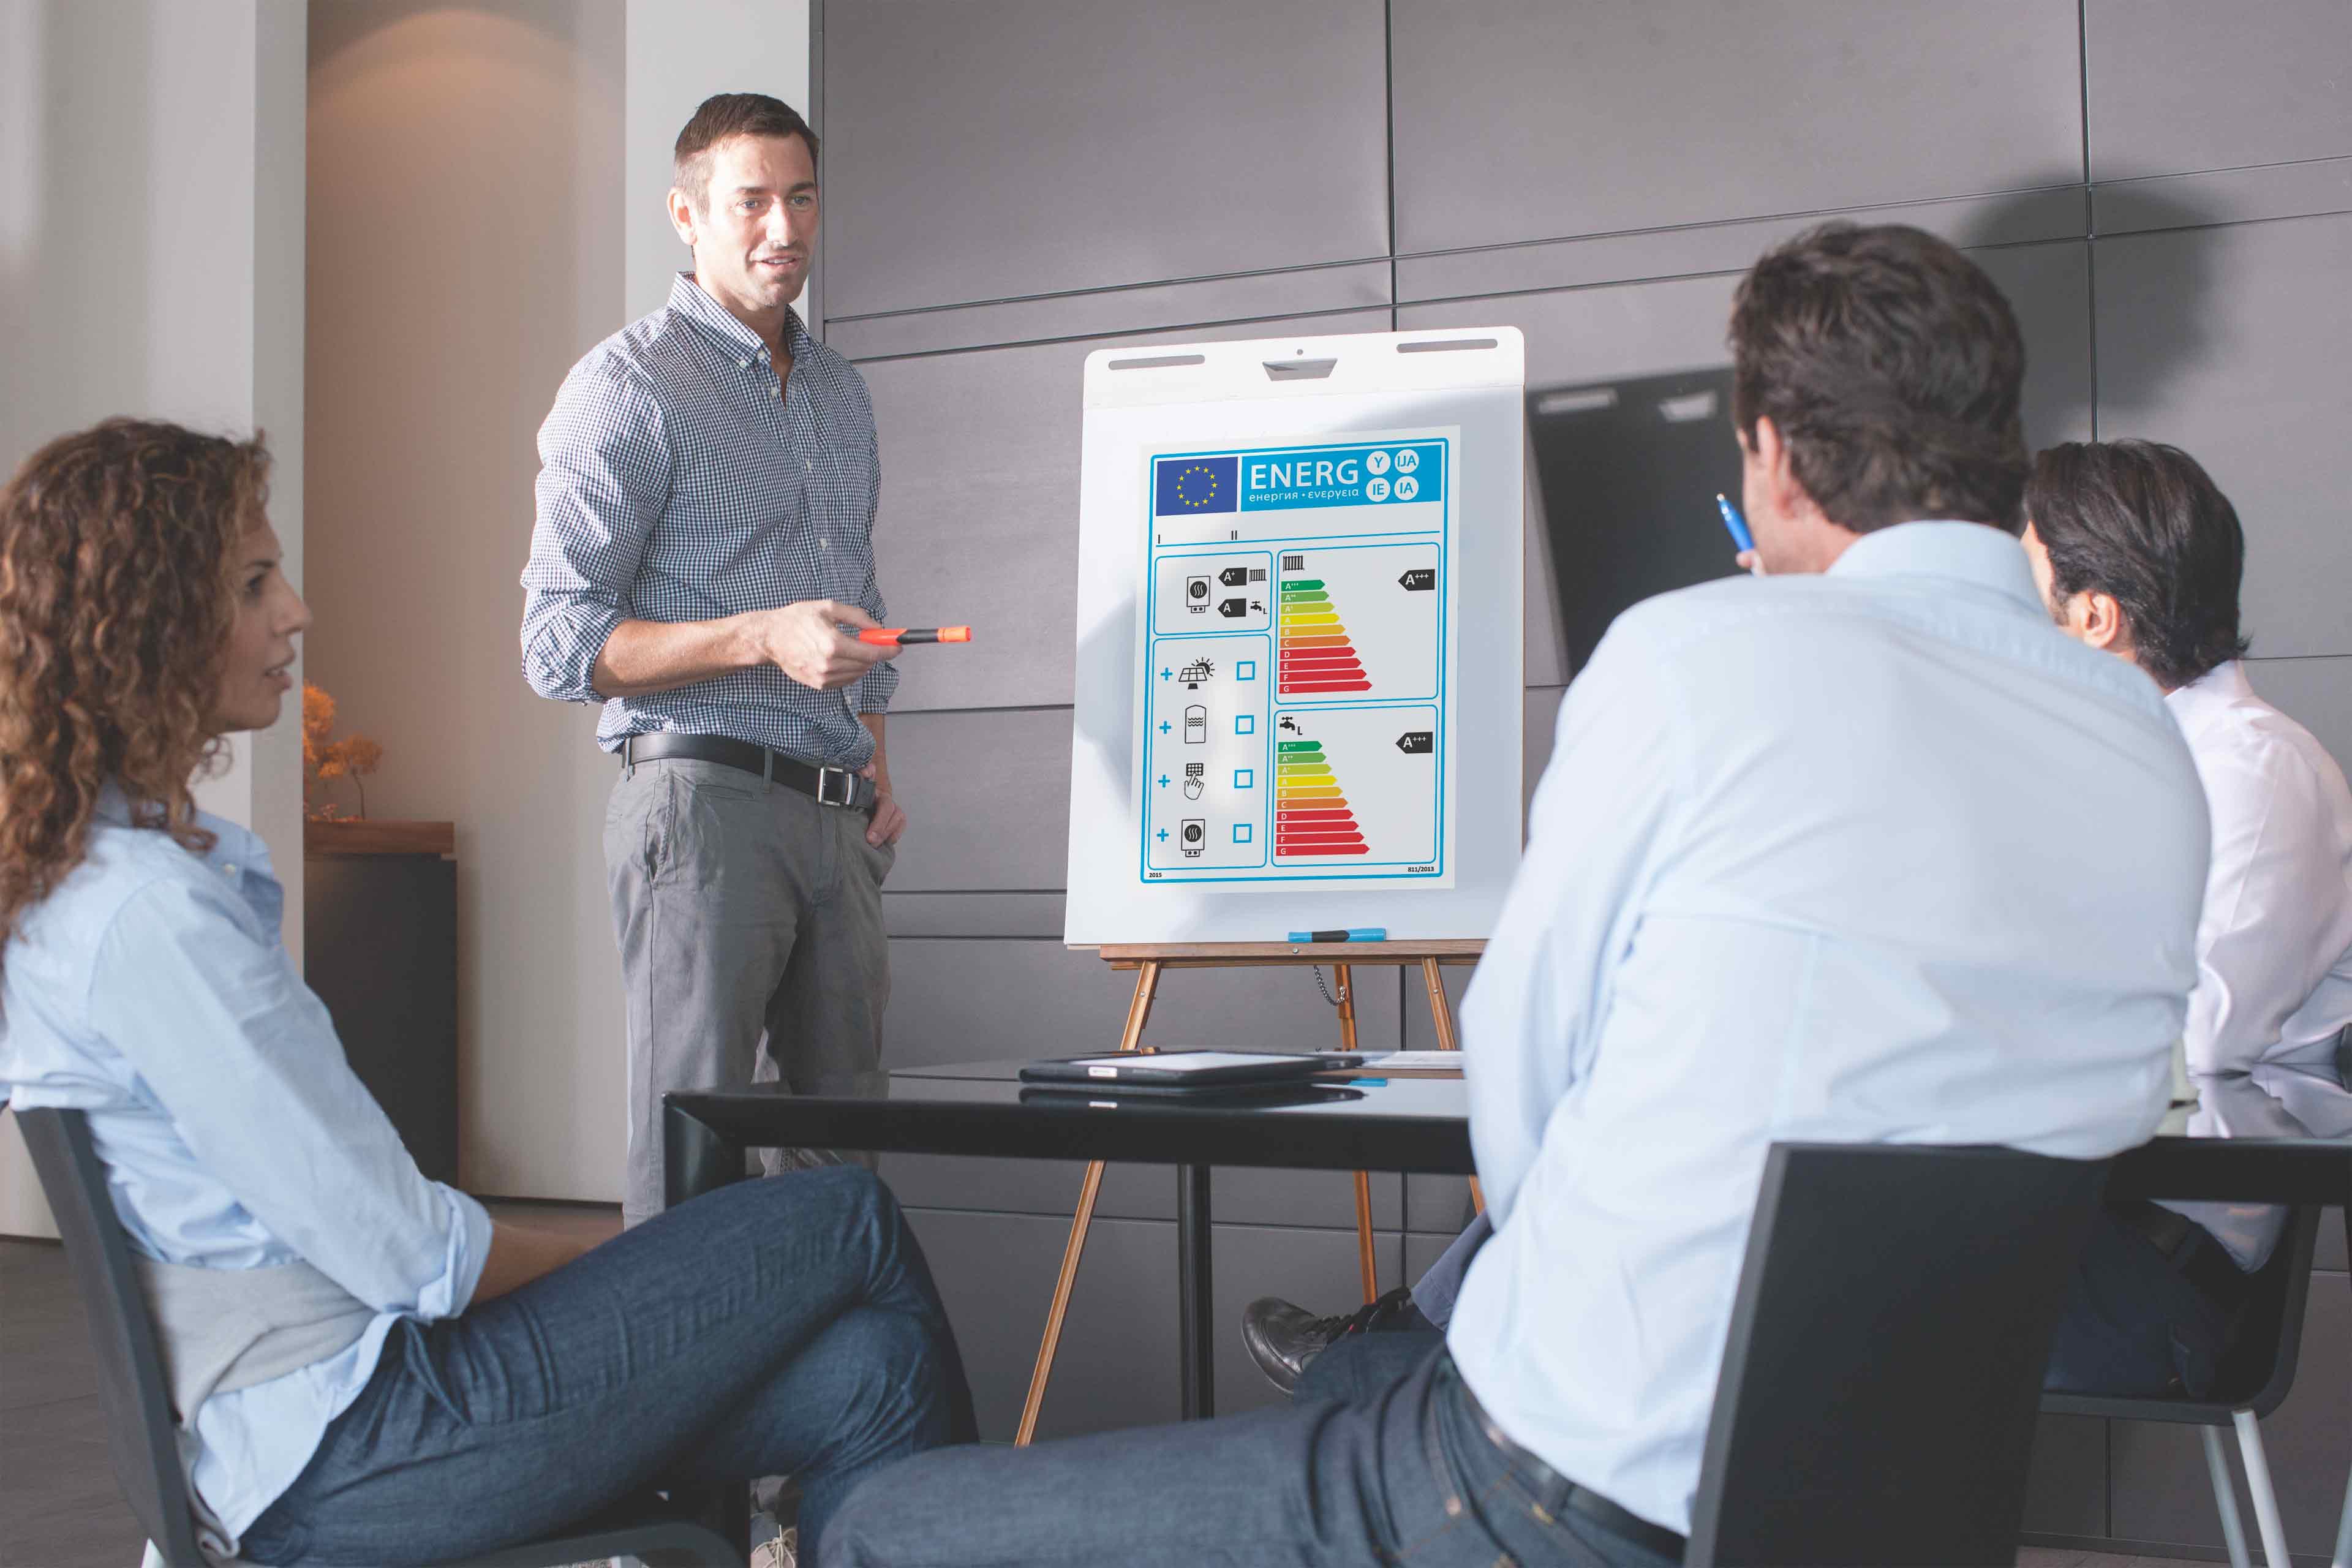 Tipps vom Werkskundendienst zum Energiesparen